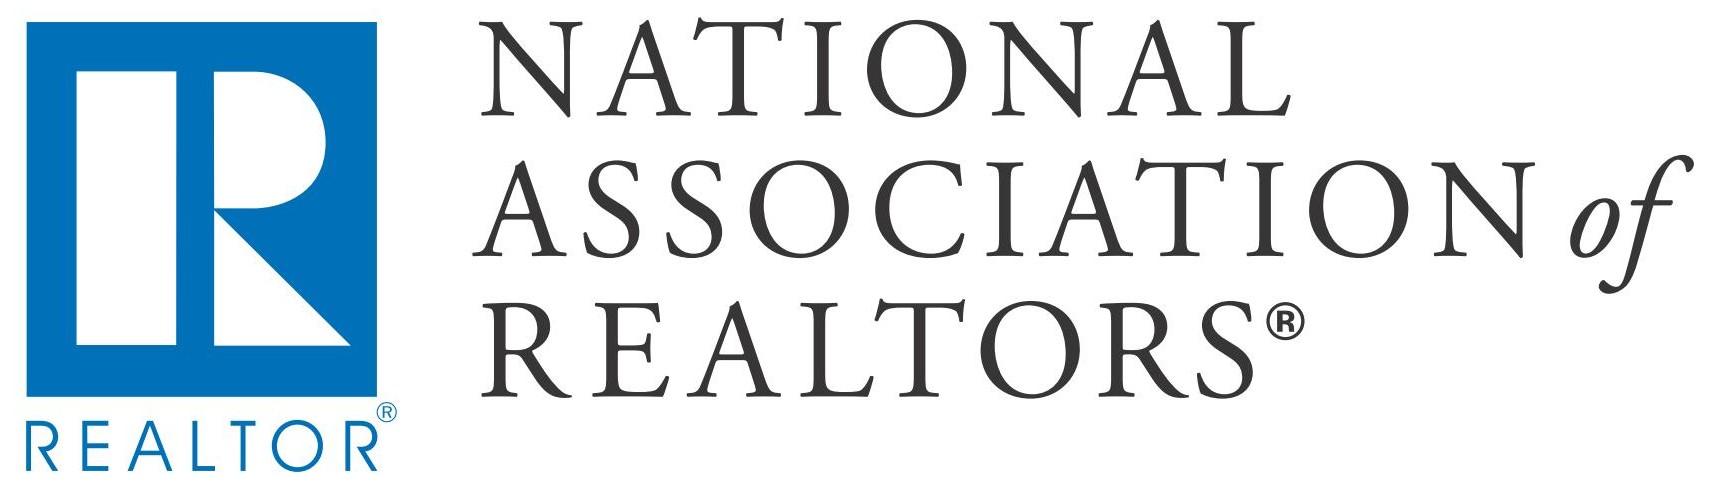 National_Association_of_Realtors_Logo.jpg